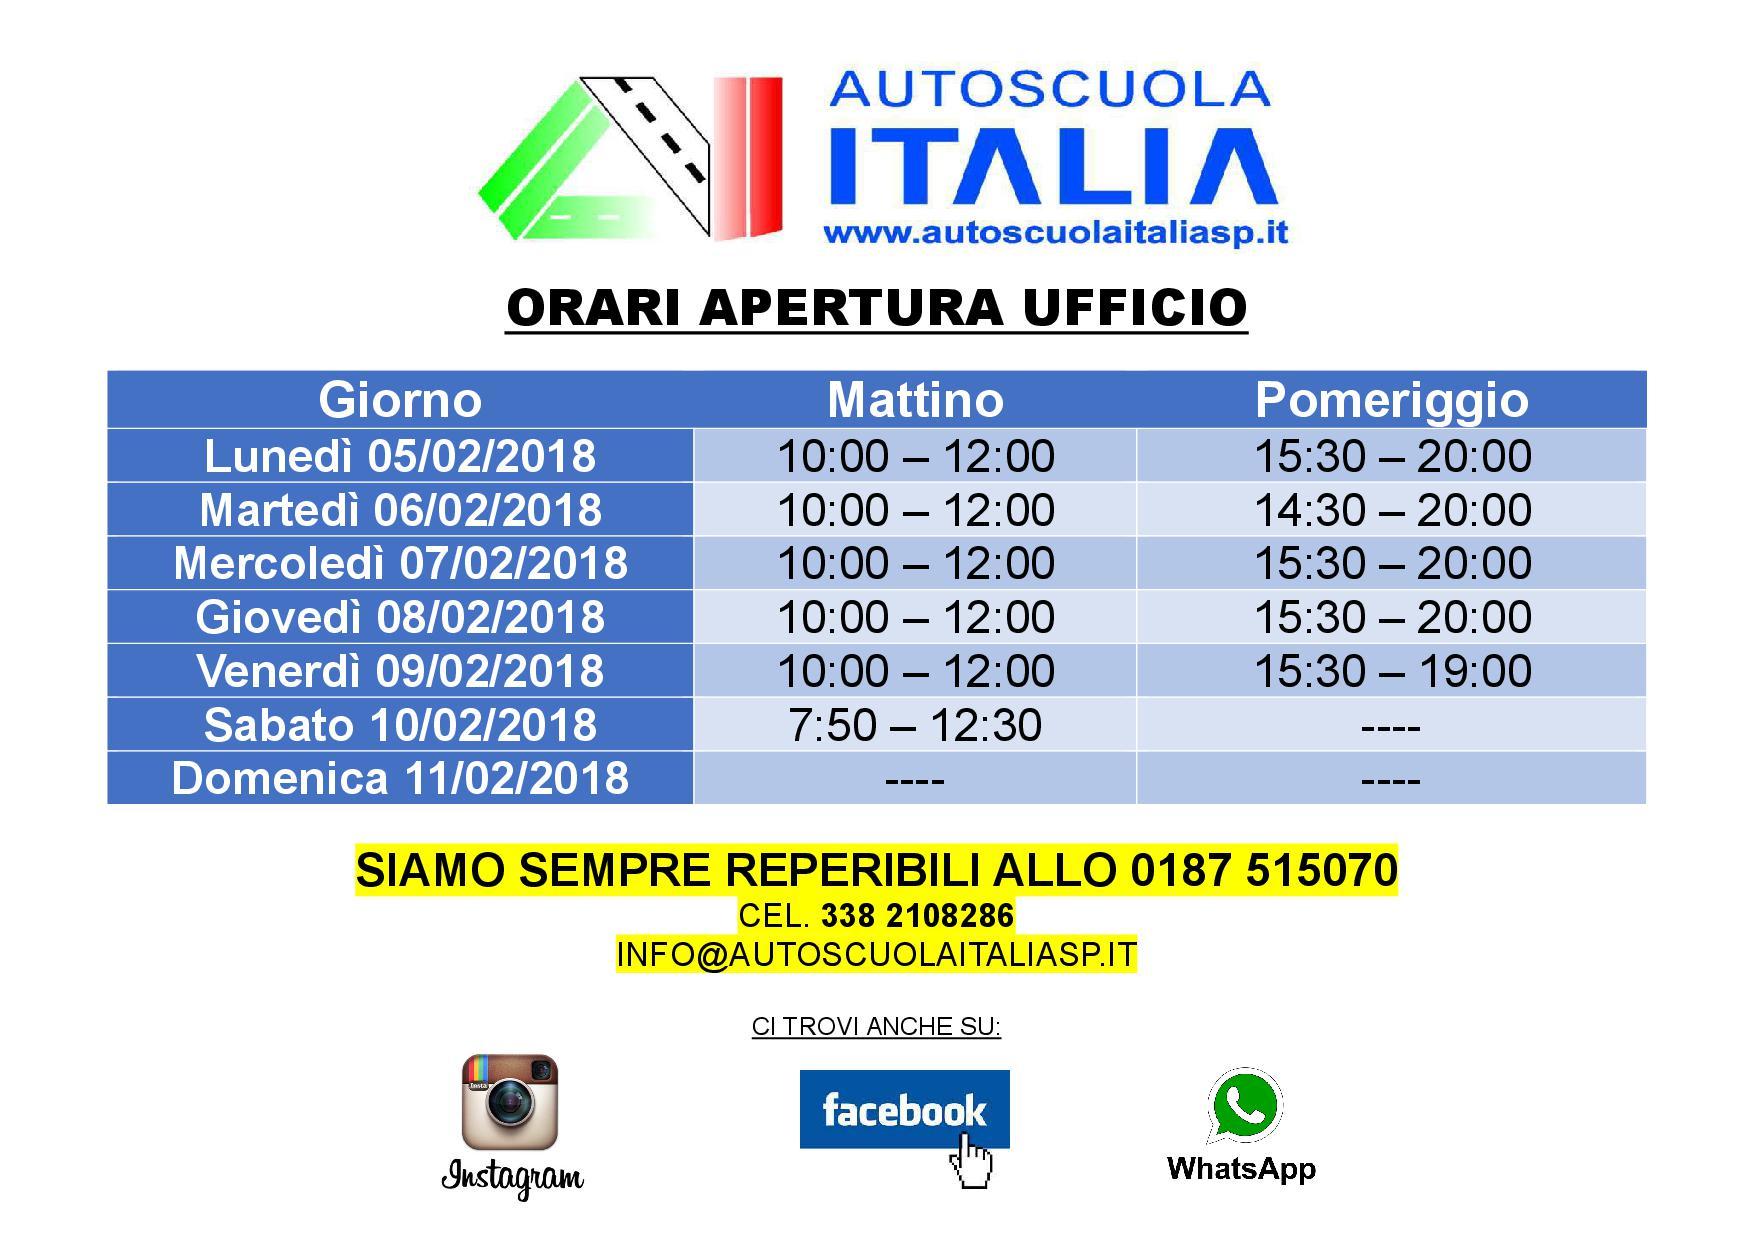 Stunning Orari Terrazze La Spezia Gallery - Idee Arredamento Casa ...